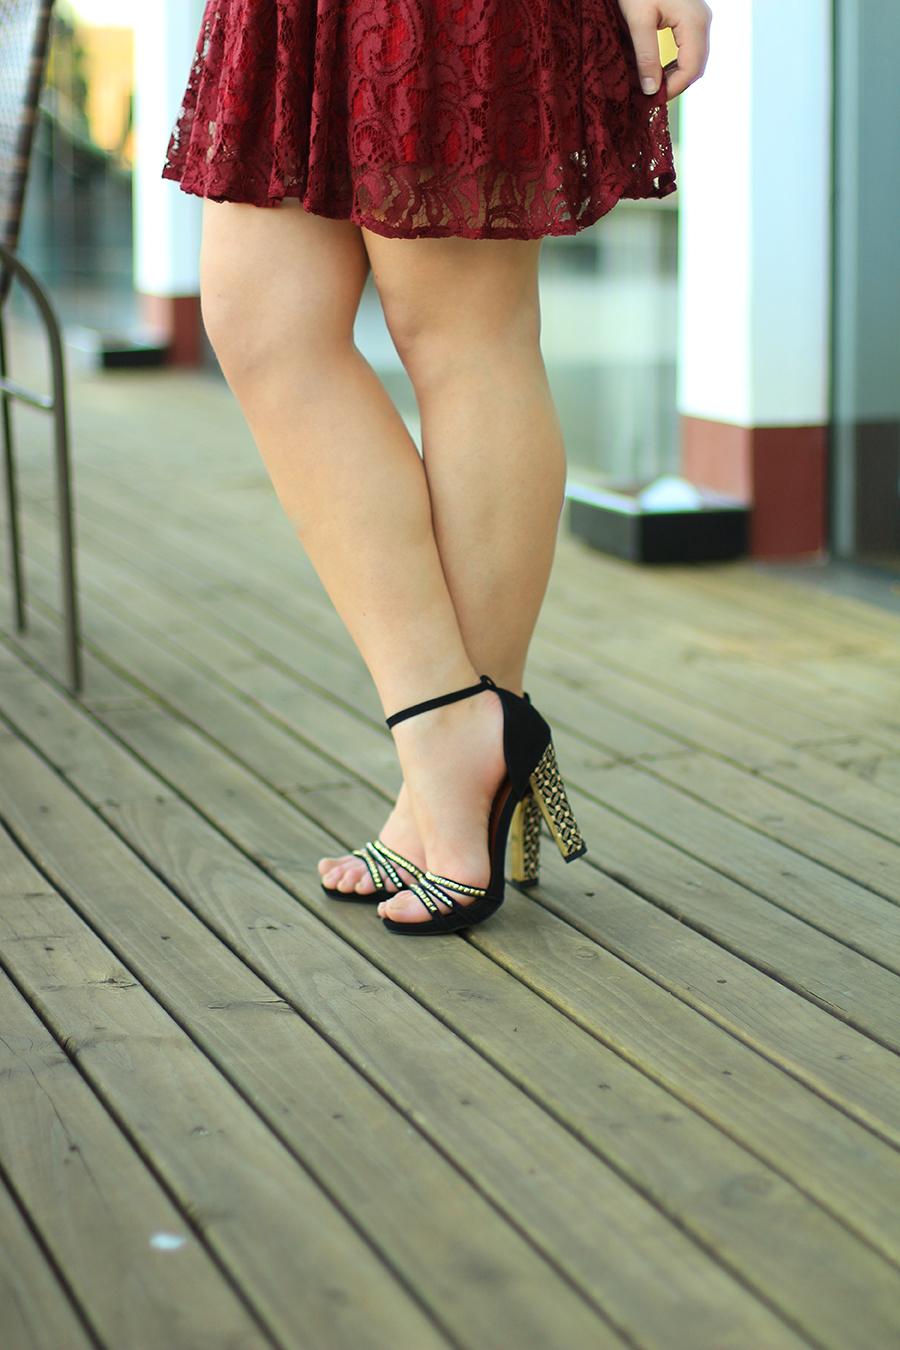 maquiagem-para-pernas